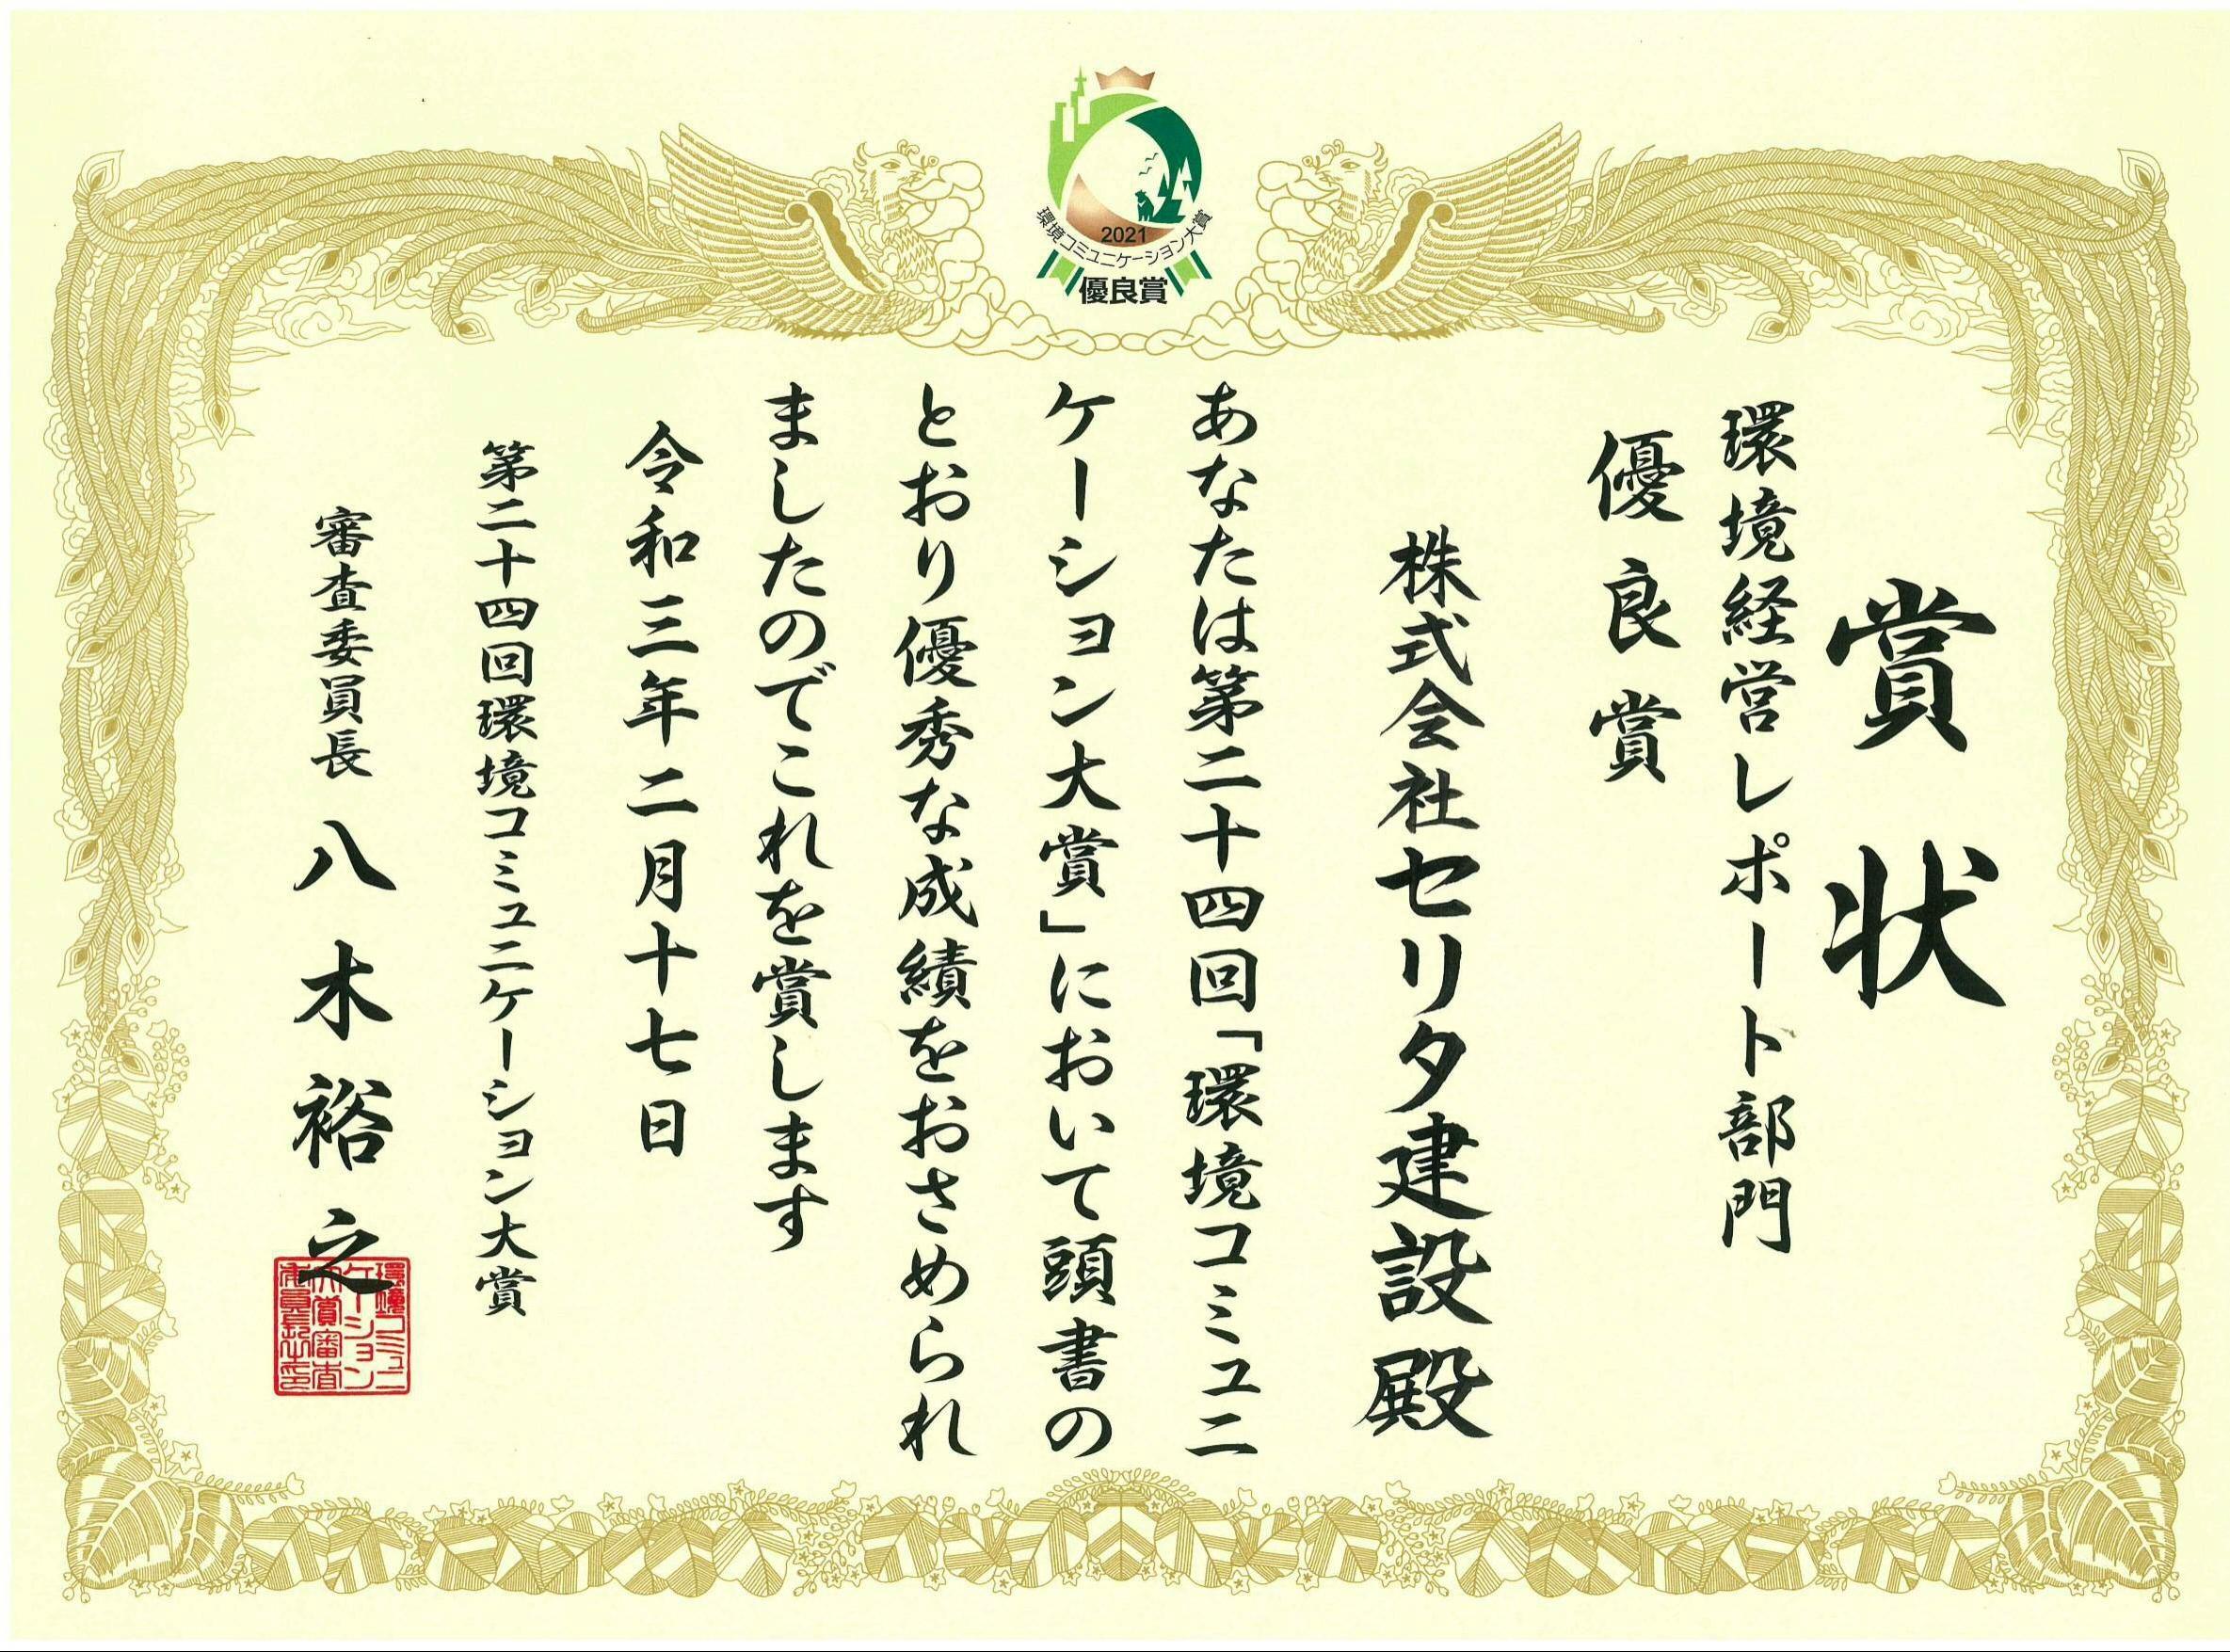 第24回環境コミュニケーション大賞『優良賞』入賞